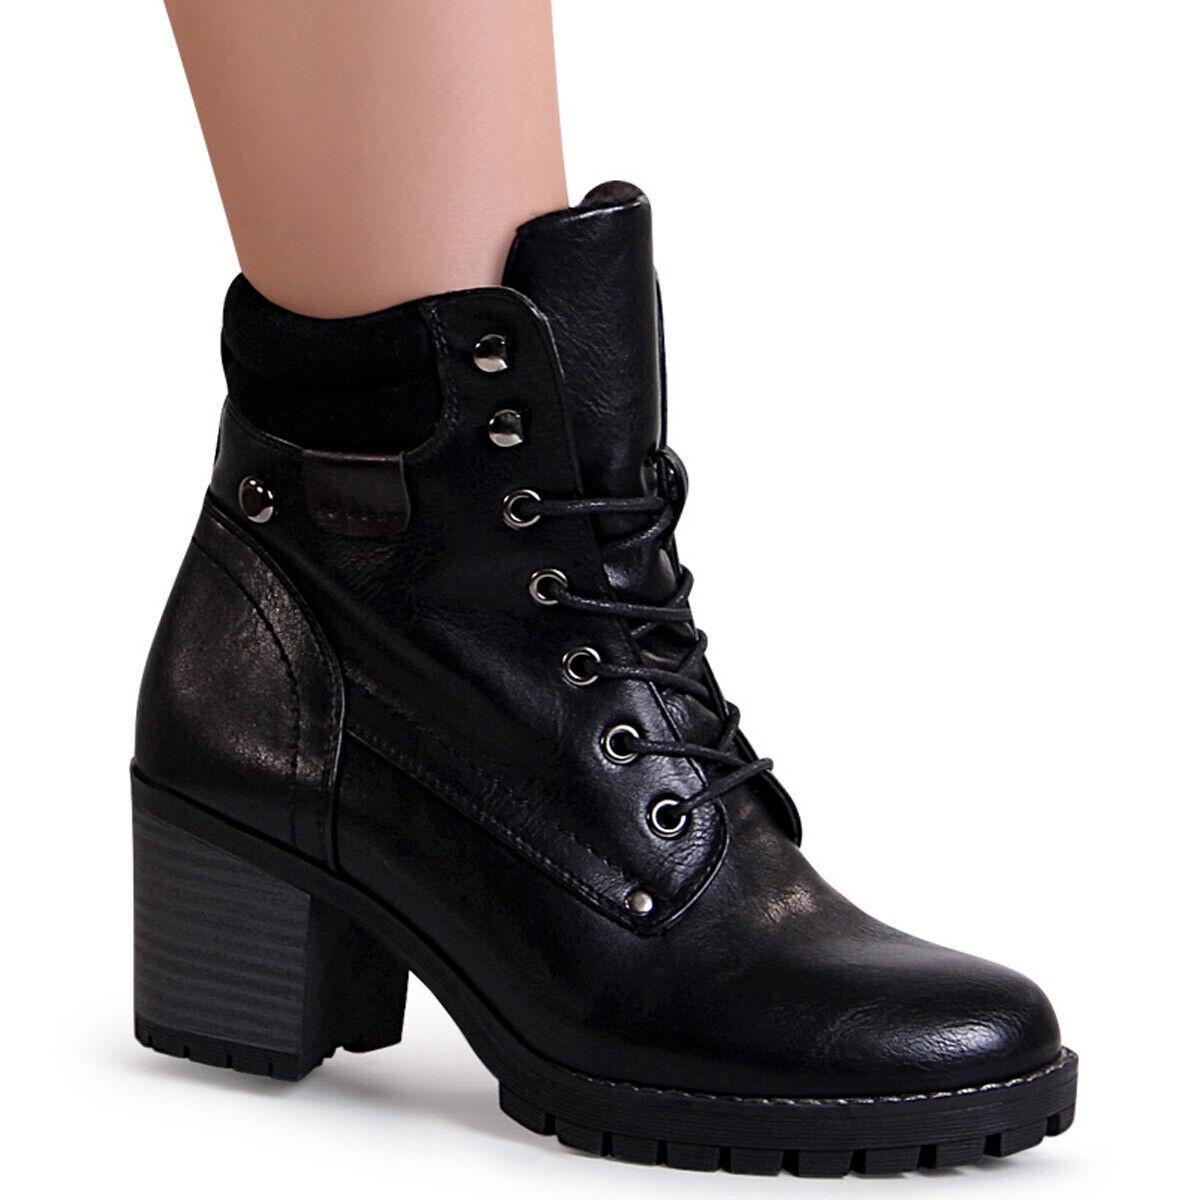 Damen Stiefeletten Schnür Stiefel Plateau Ankle Boots Booties Schnürschuhe